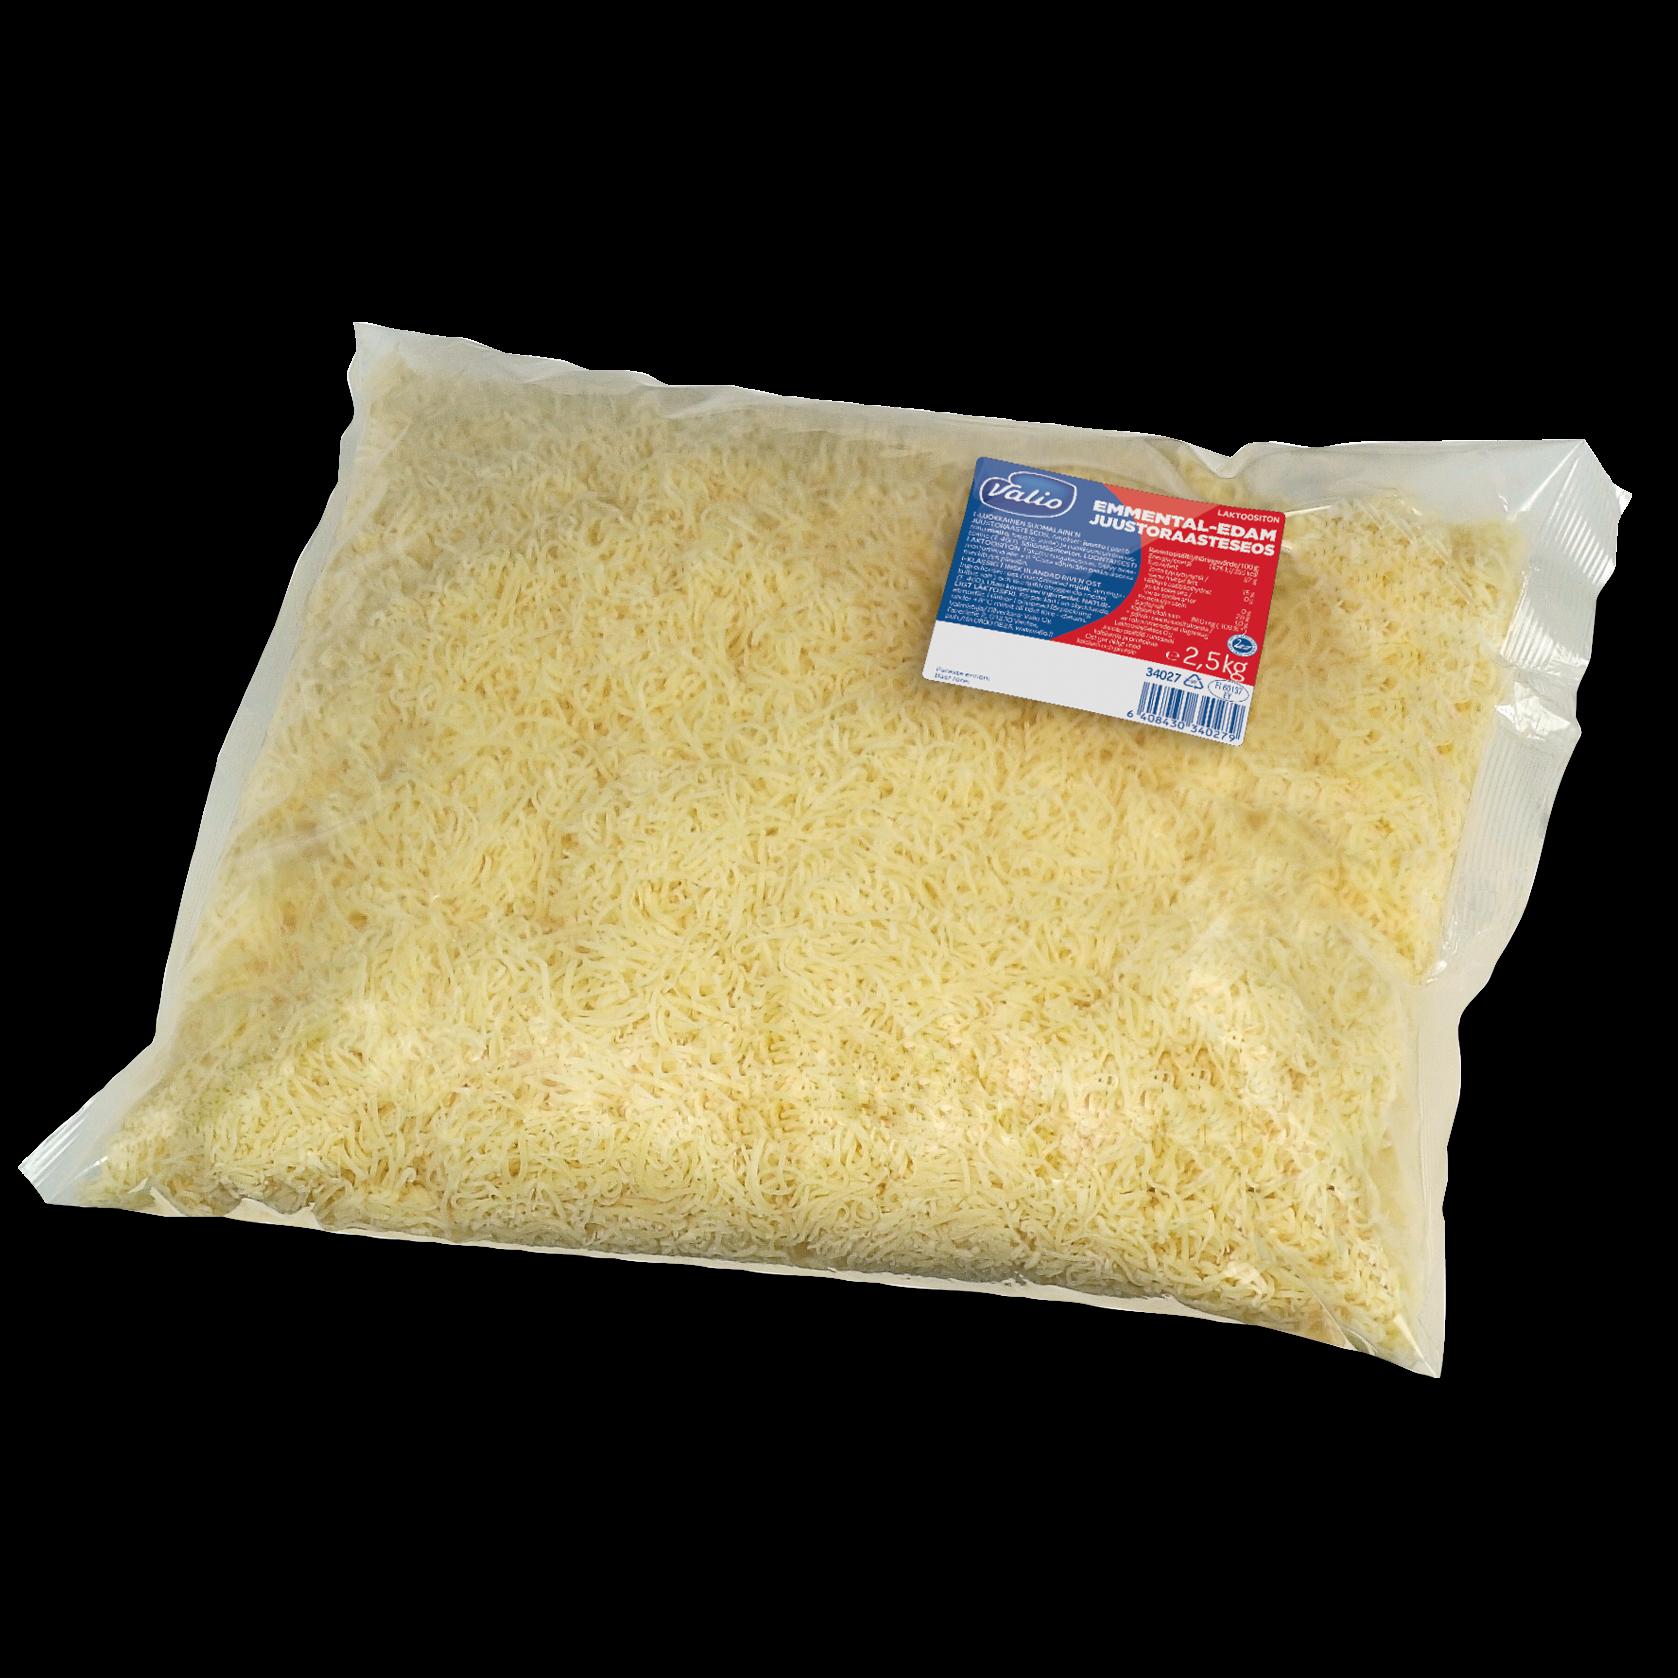 Valio Emmental-Edam juustoraasteseos